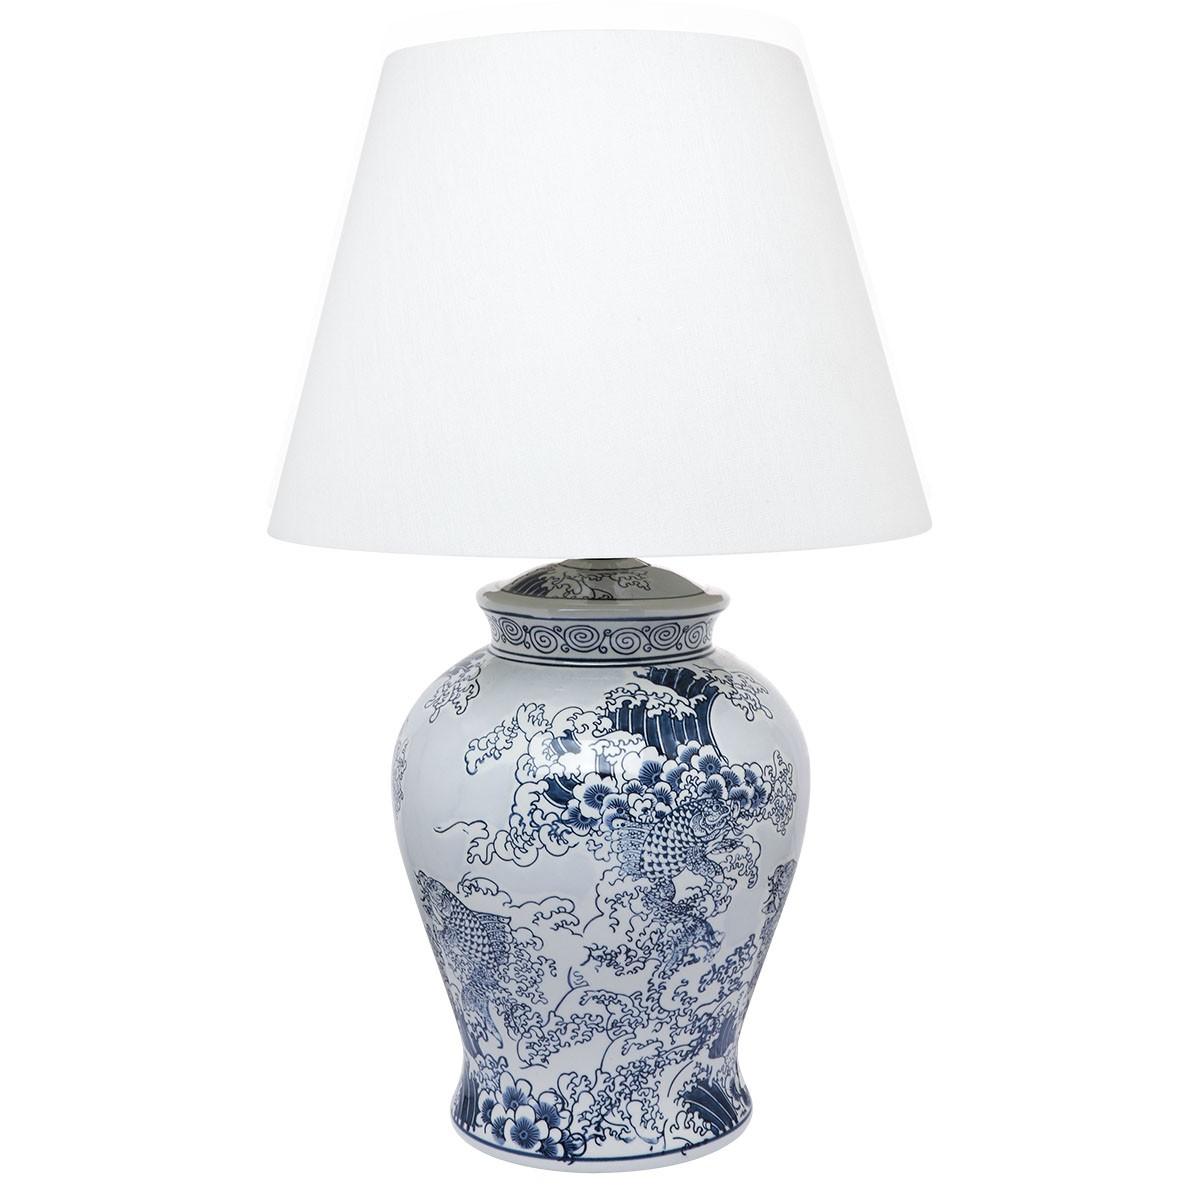 Saint Ceramic Base Table Lamp